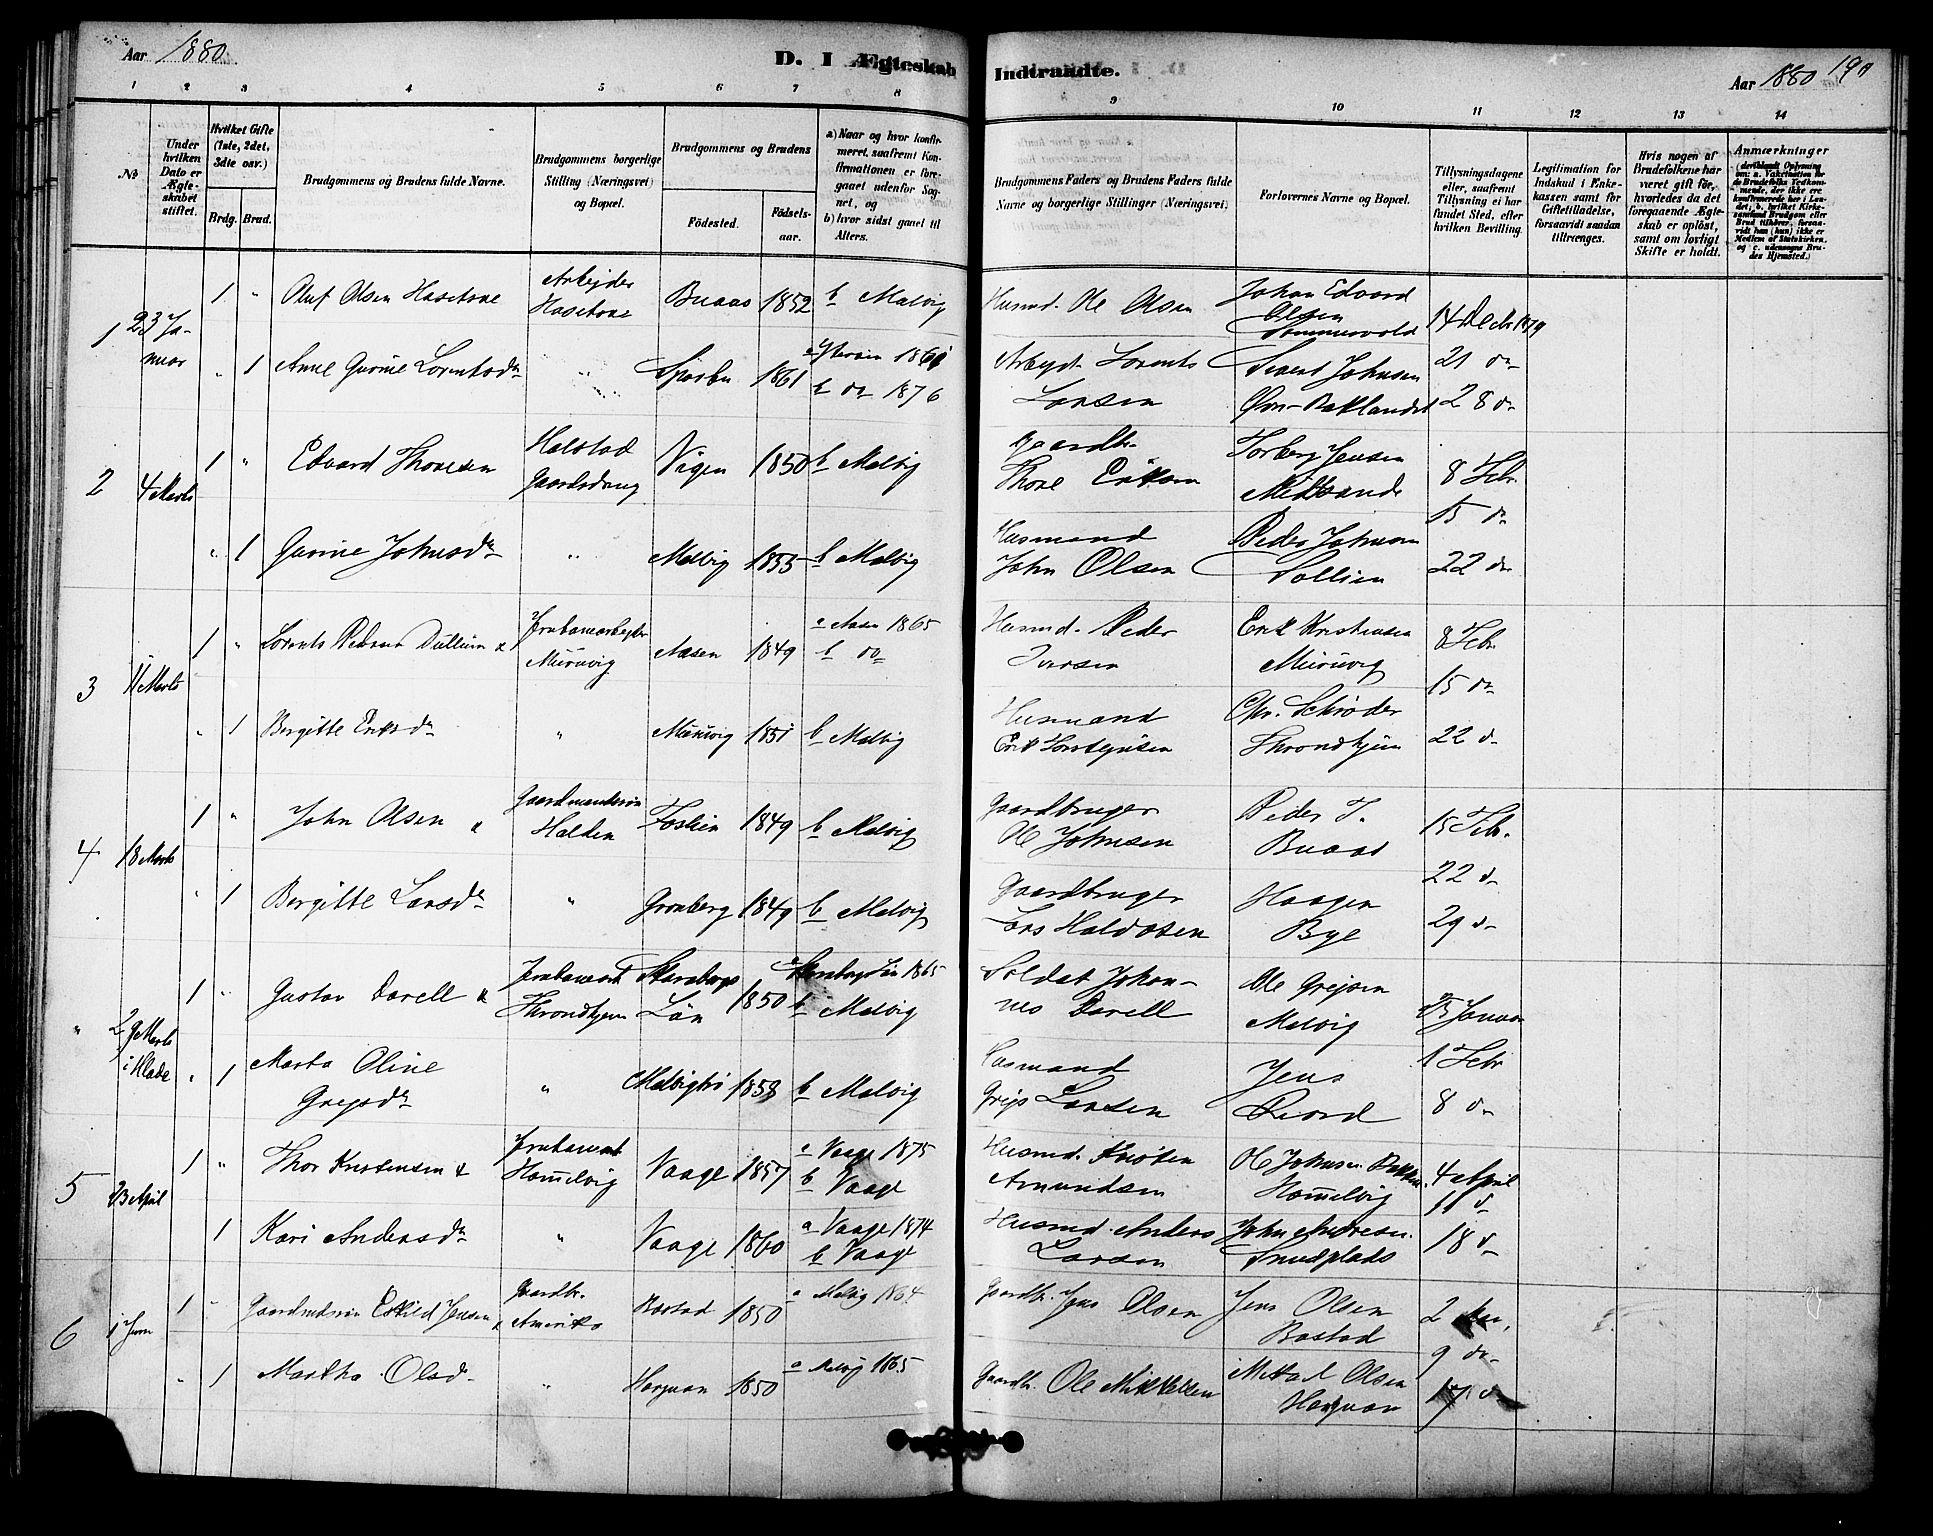 SAT, Ministerialprotokoller, klokkerbøker og fødselsregistre - Sør-Trøndelag, 616/L0410: Ministerialbok nr. 616A07, 1878-1893, s. 190